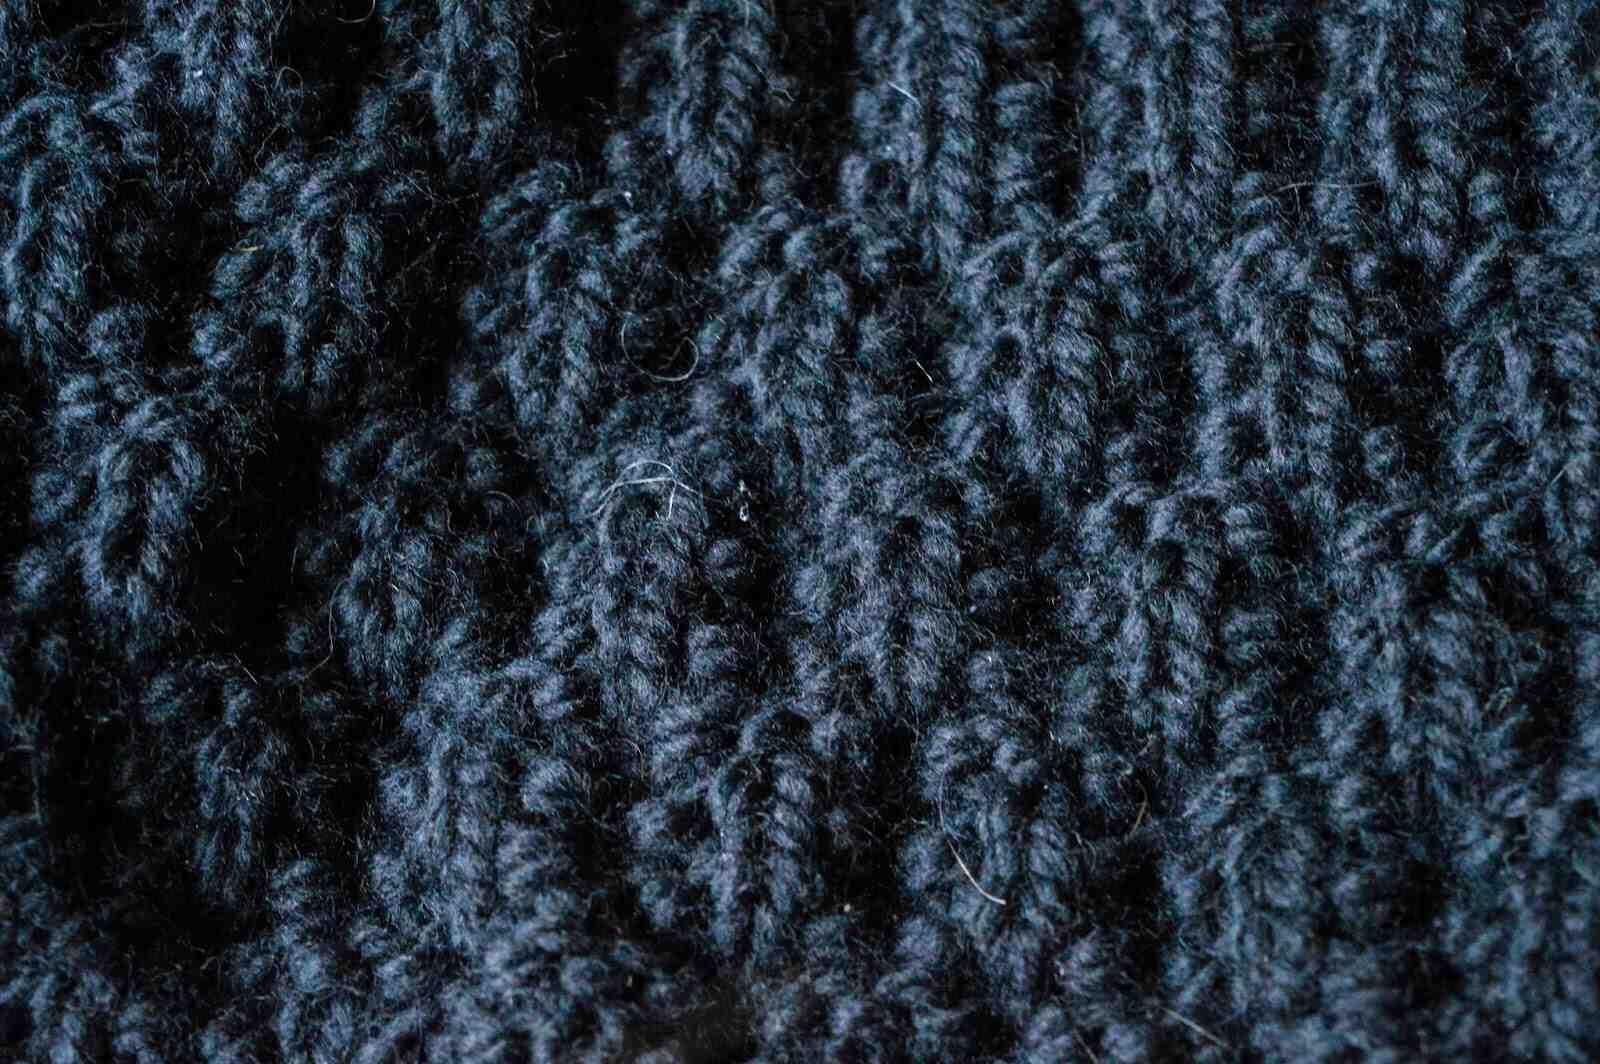 Comment faire une écharpe en tricot facile?